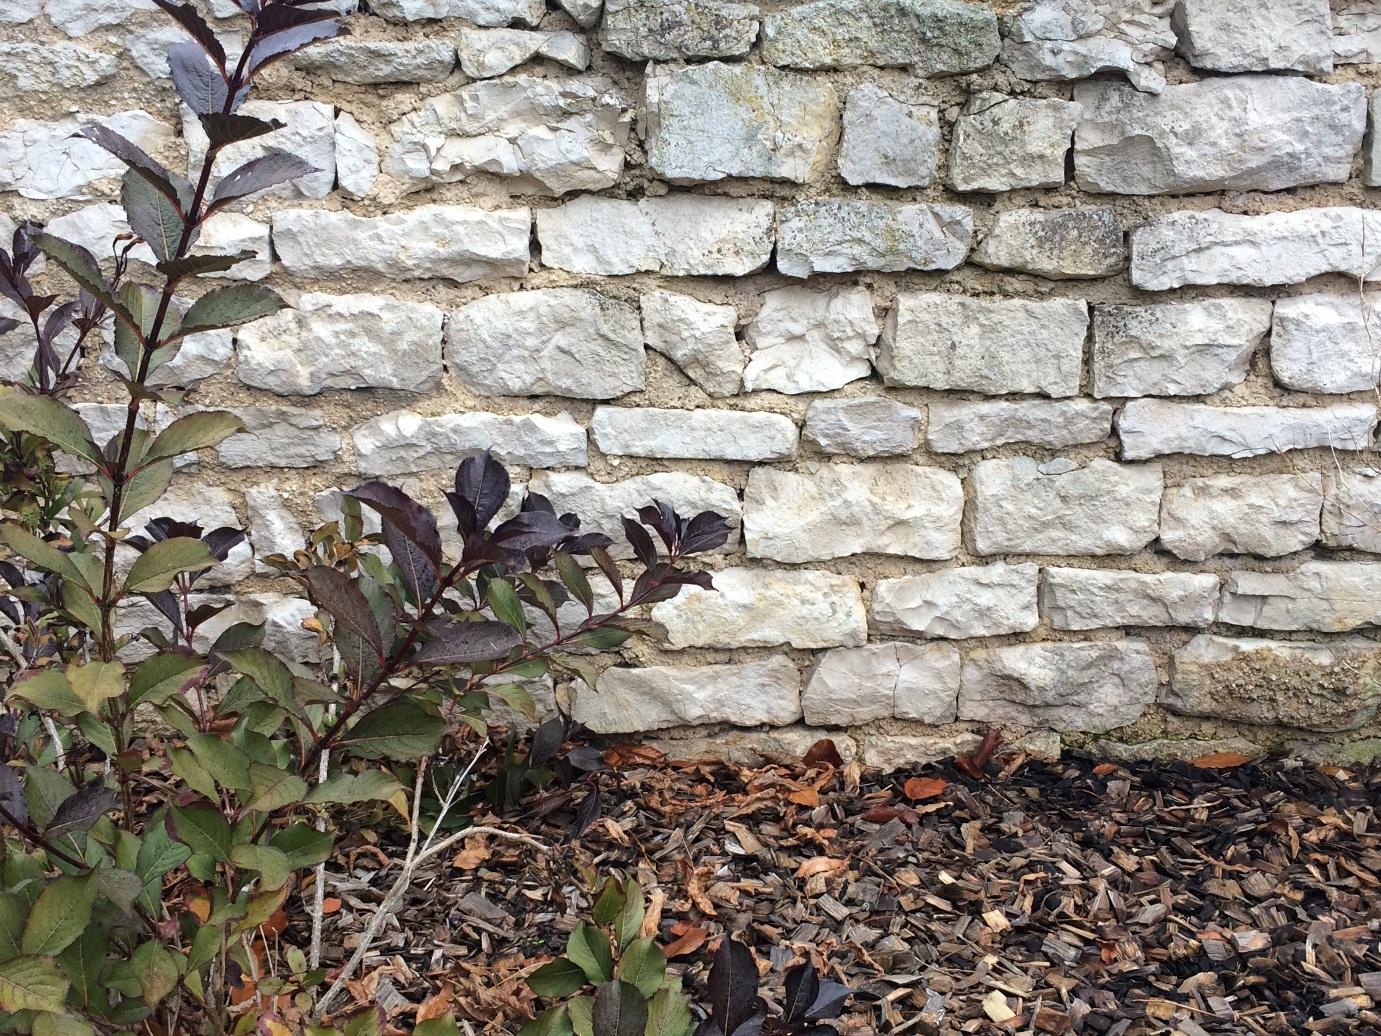 Se Cacher Des Voisins Dans Son Jardin 44 façons de se cacher de vos voisins au jardin (photos et